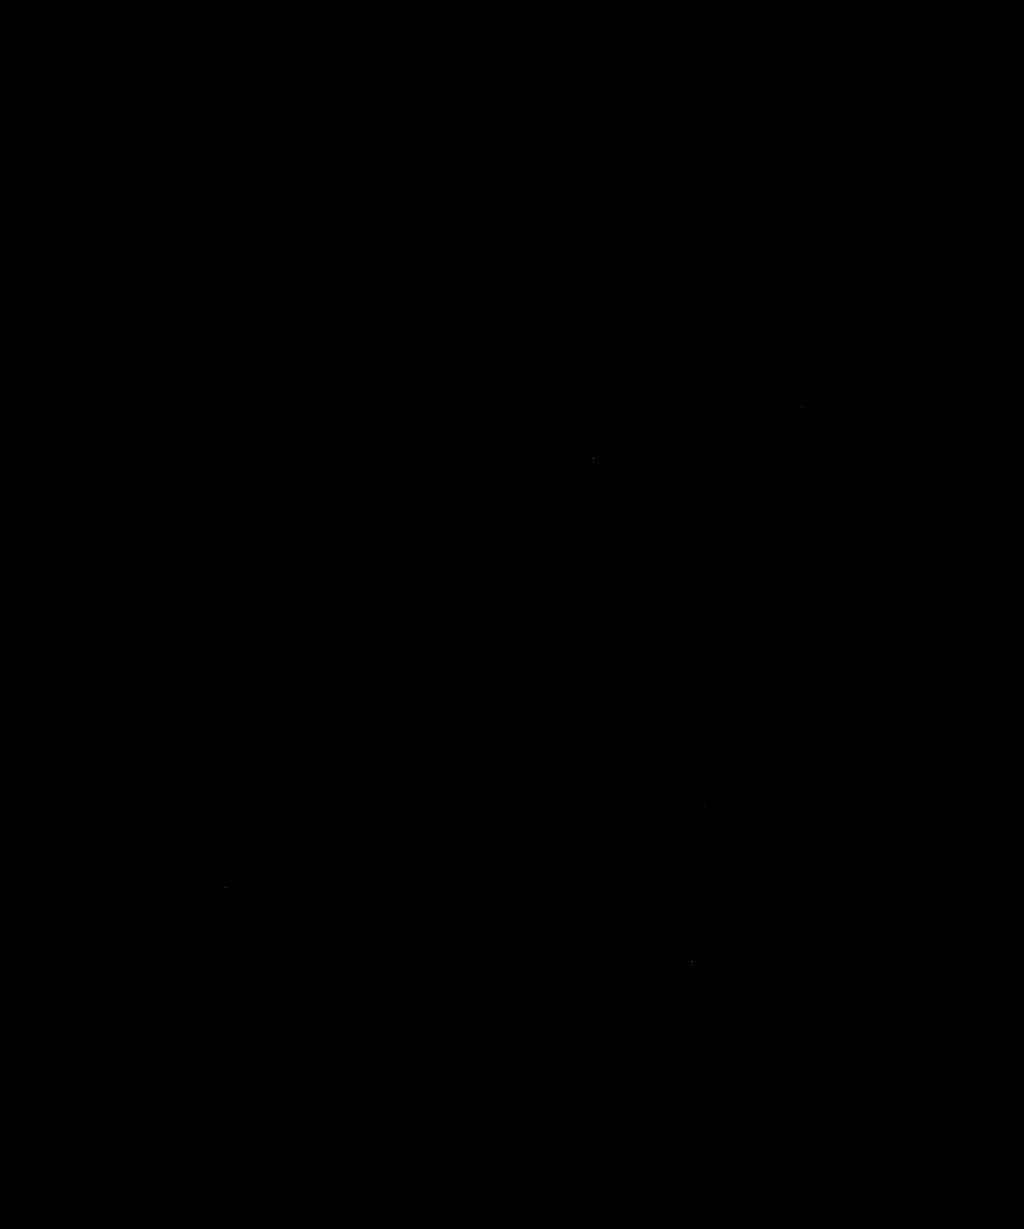 malvorlagen unicorn - 28 images - ausmalbilder einhorn